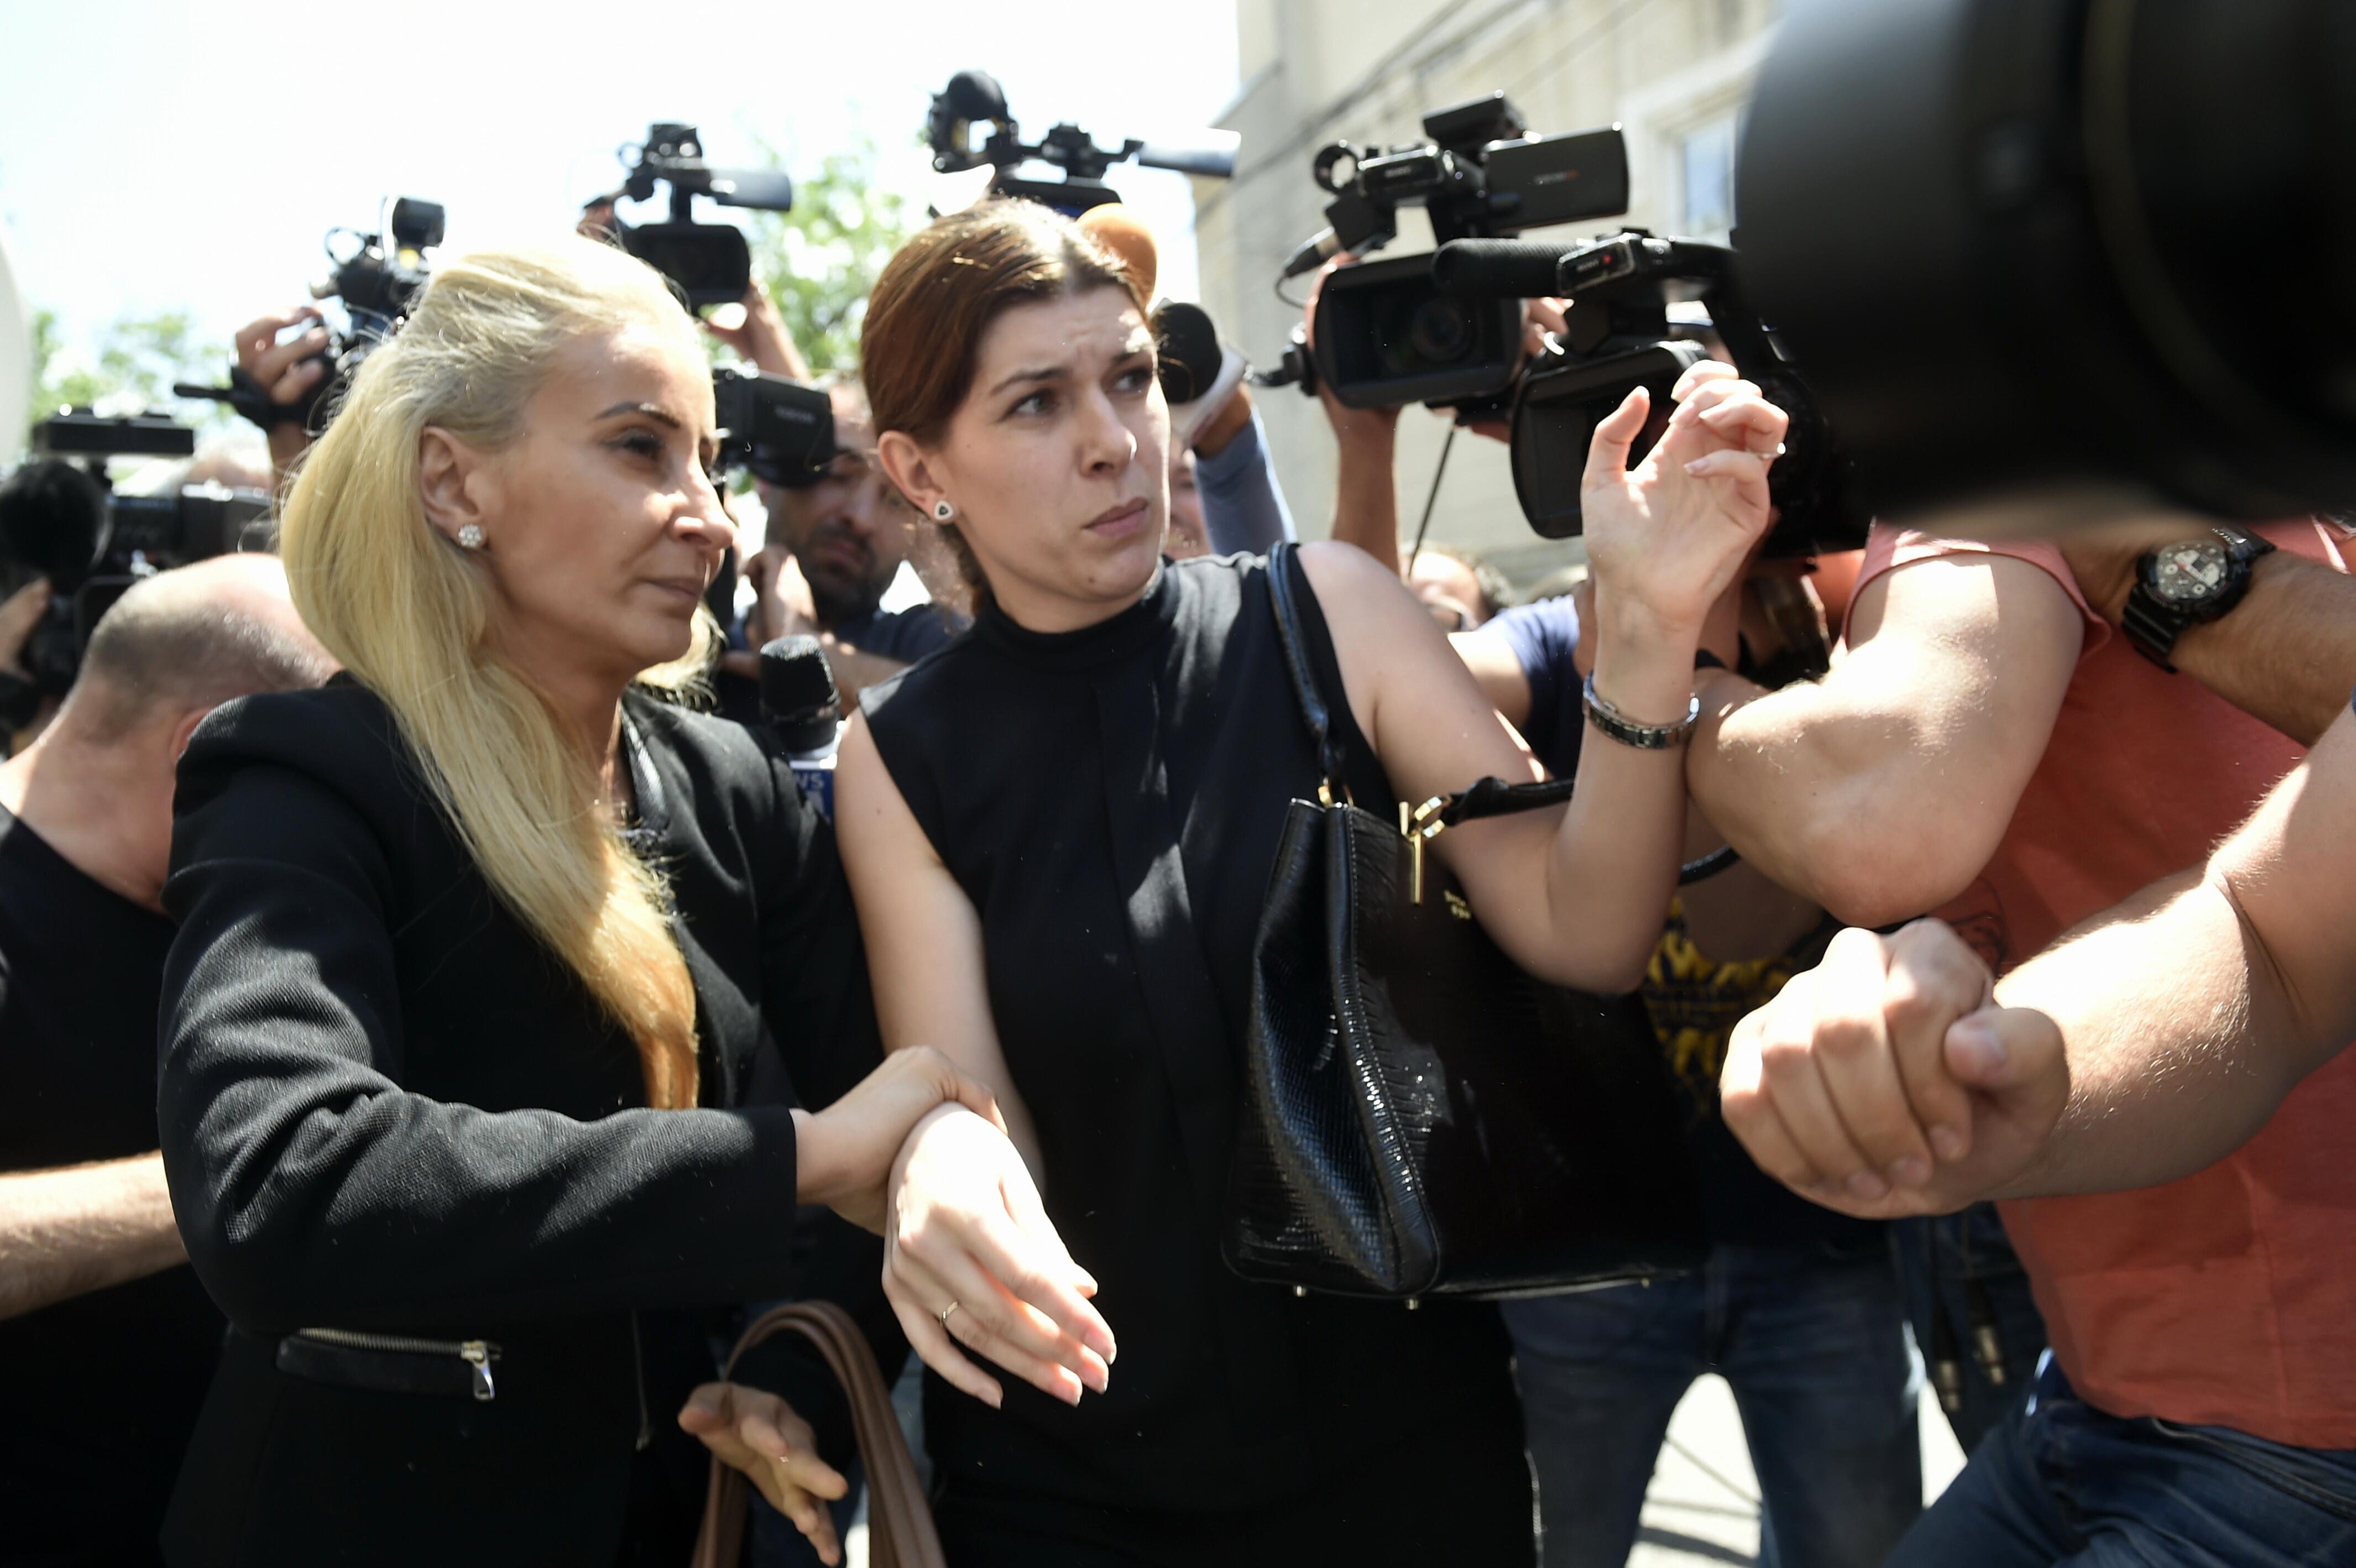 Uliana Ochinciuc a fost audiata la Parchetul General. Aceasta a dezvaluit care au fost ultimele cuvinte ale lui Dan Condrea